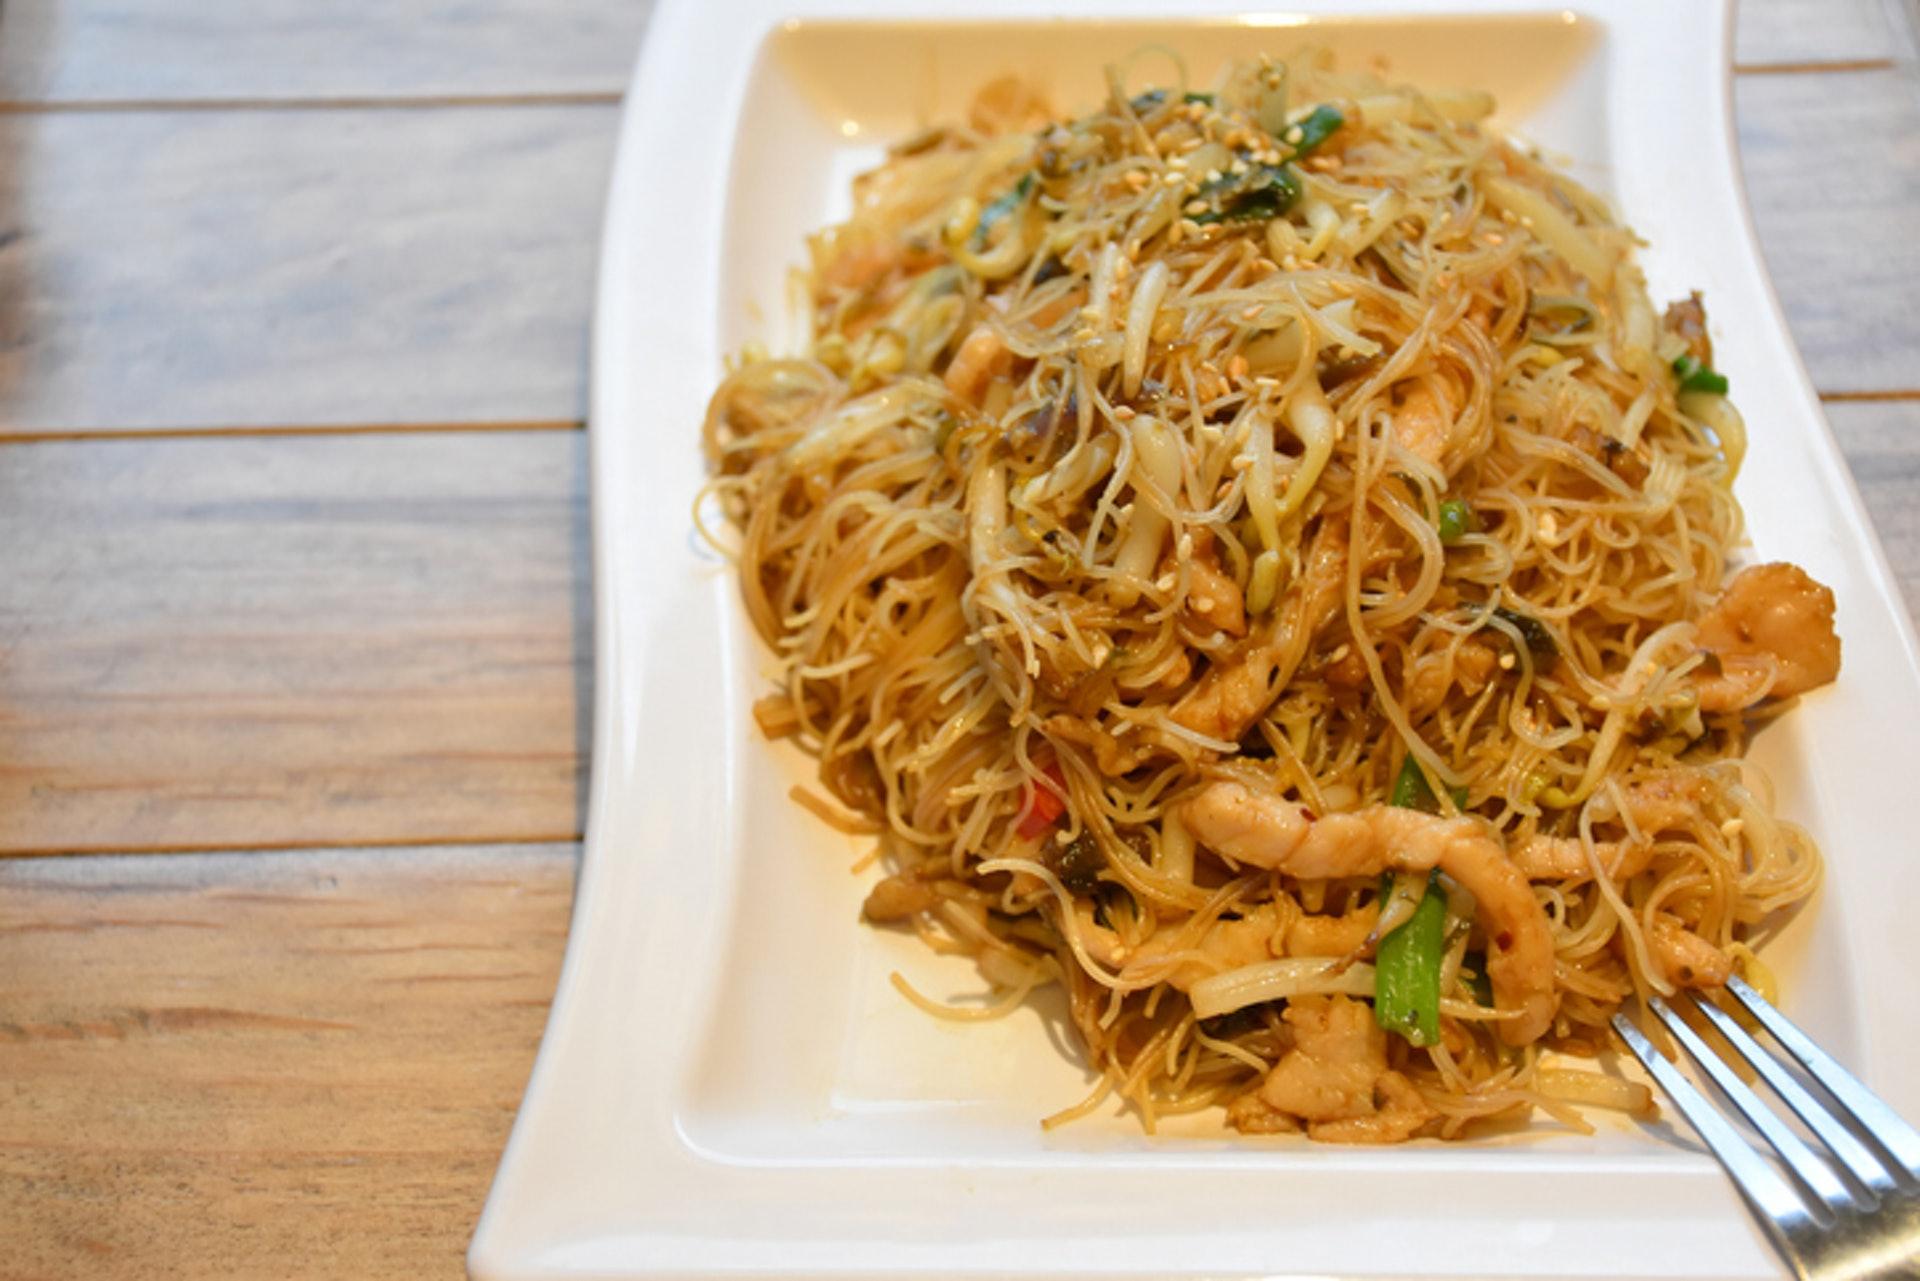 雖然茶餐廳的食物大多都非常油膩,但只要小心選擇,也可以吃得健康。(GettyImages/VCG)